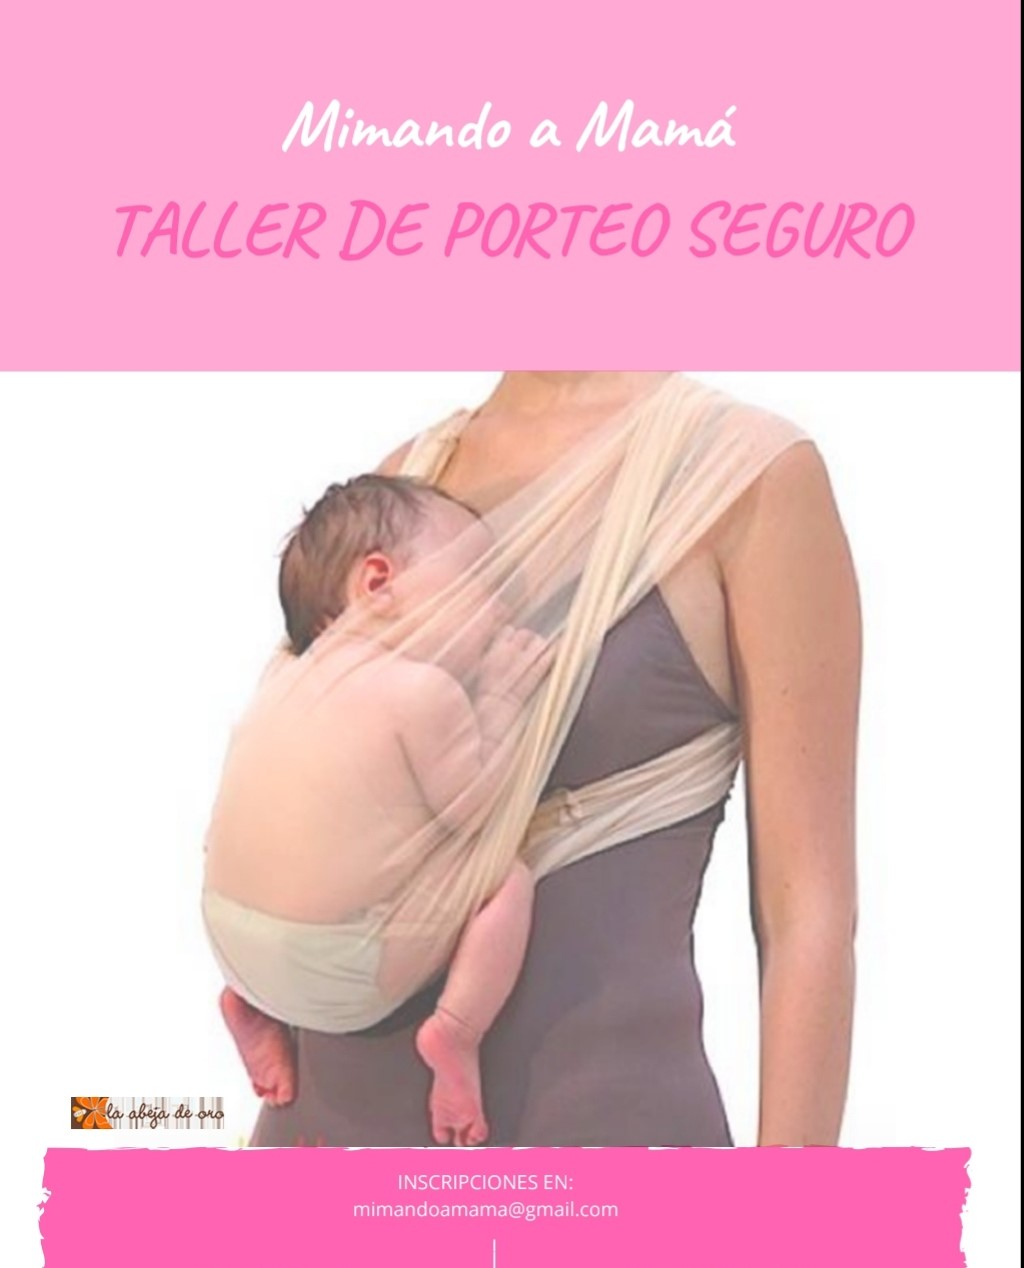 Taller de PORTEO ergonómico y seguro.